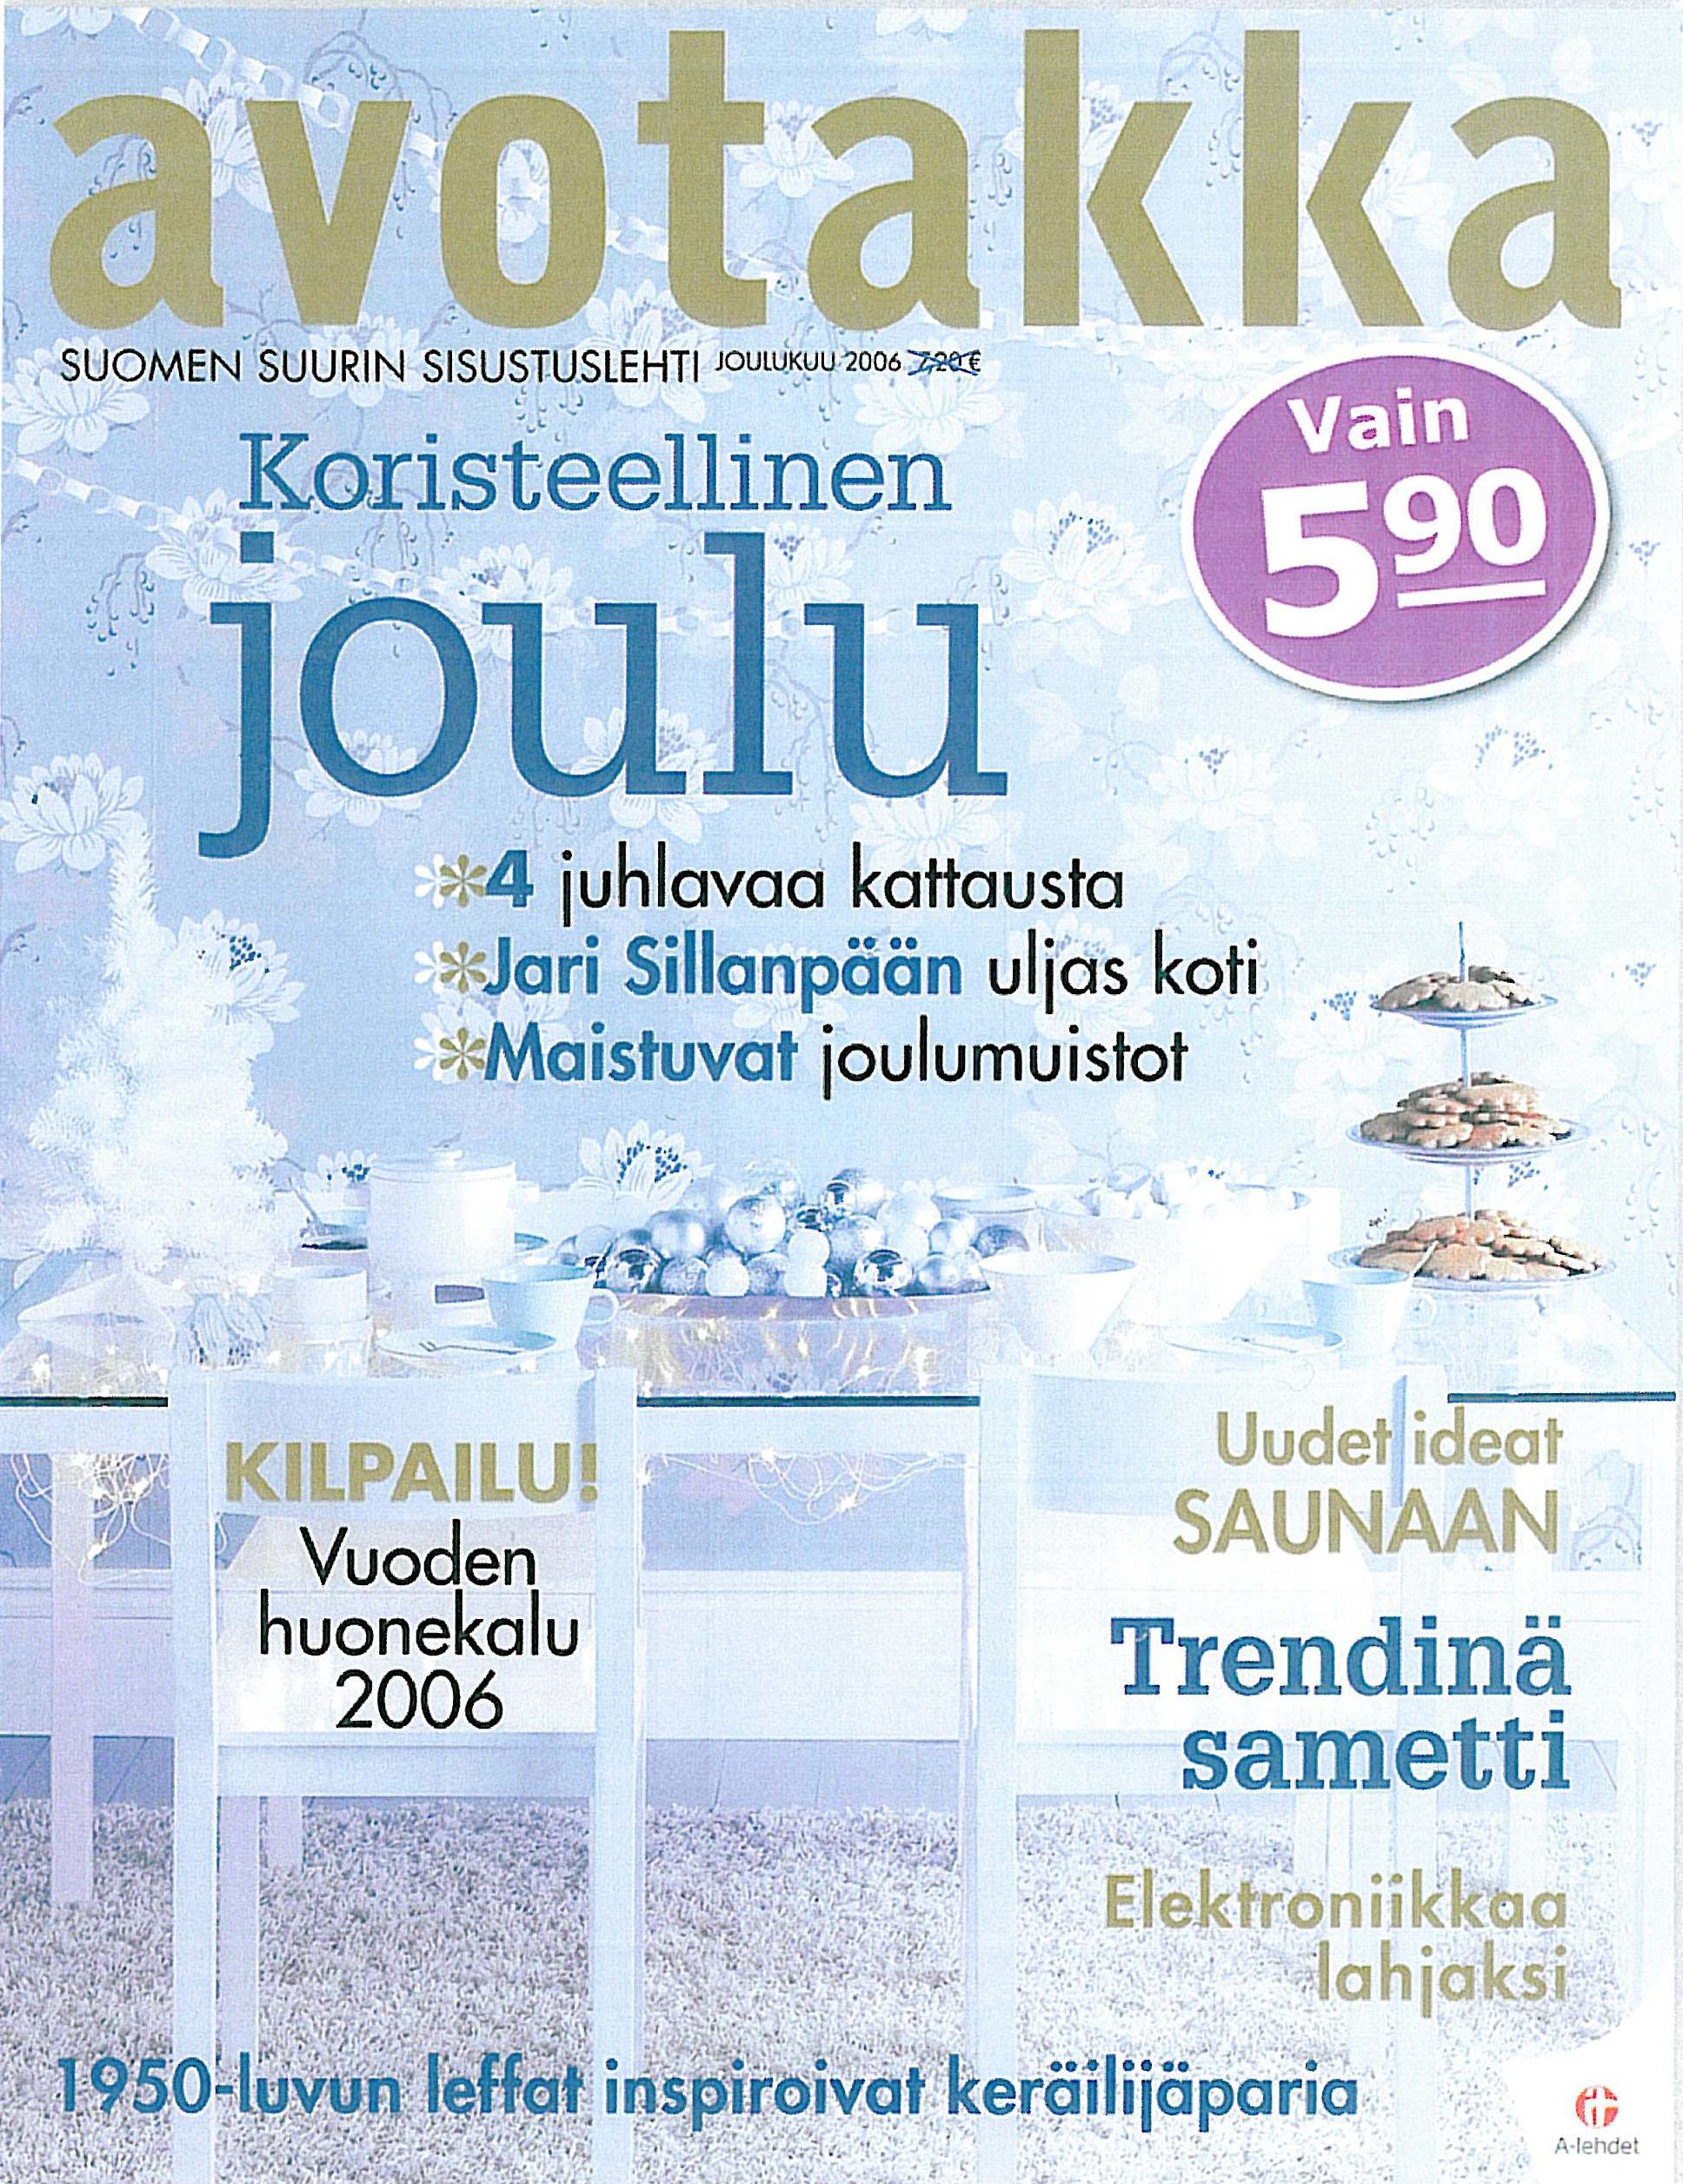 avotakka dec06_cover.jpg